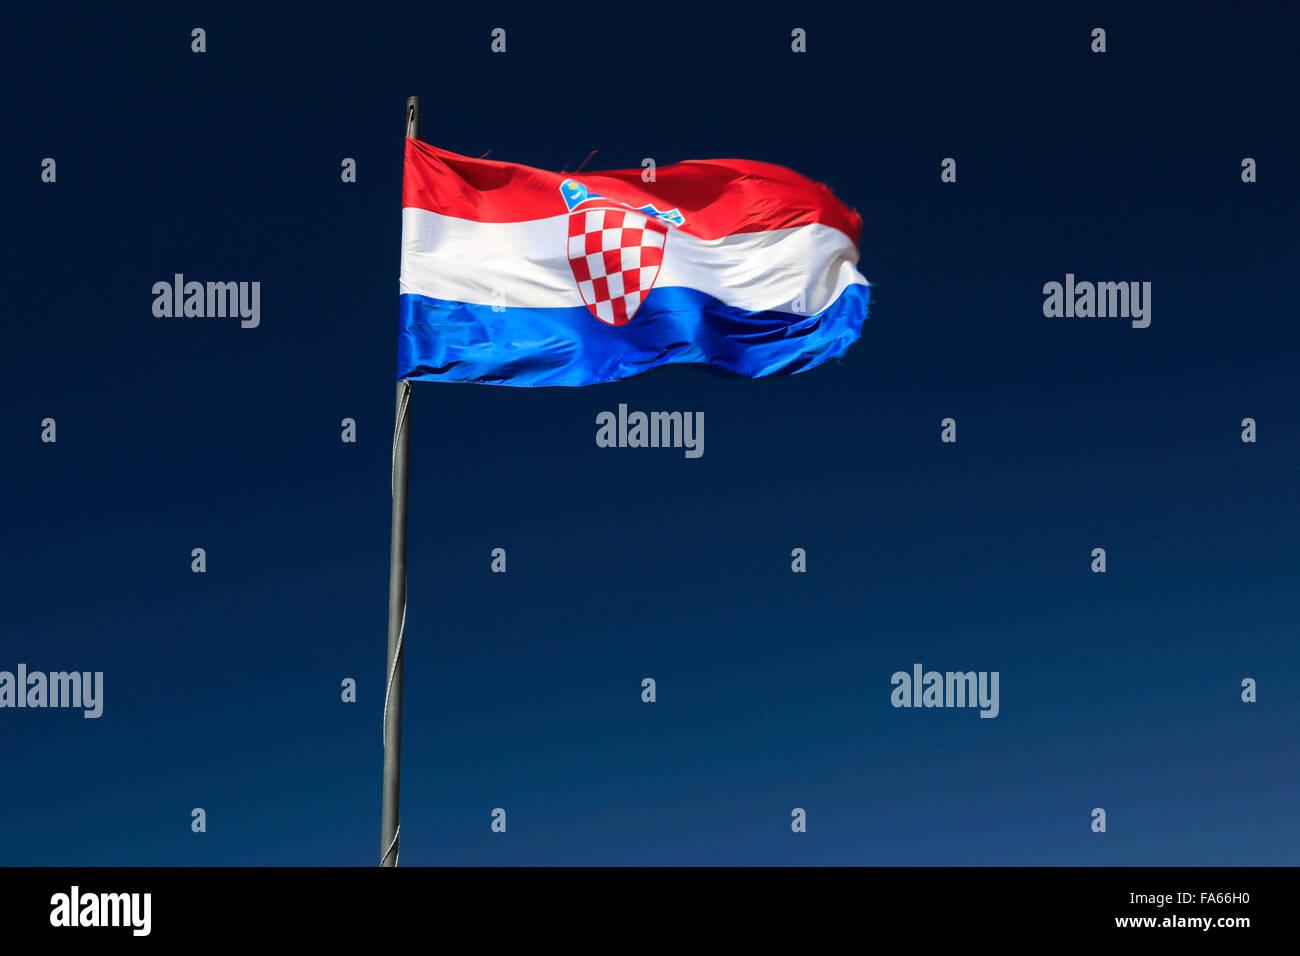 Le drapeau national croate against blue sky, Sweden, Dubrovnik-Neretva County, côte dalmate, Mer Adriatique, la Croatie, Balkan Banque D'Images